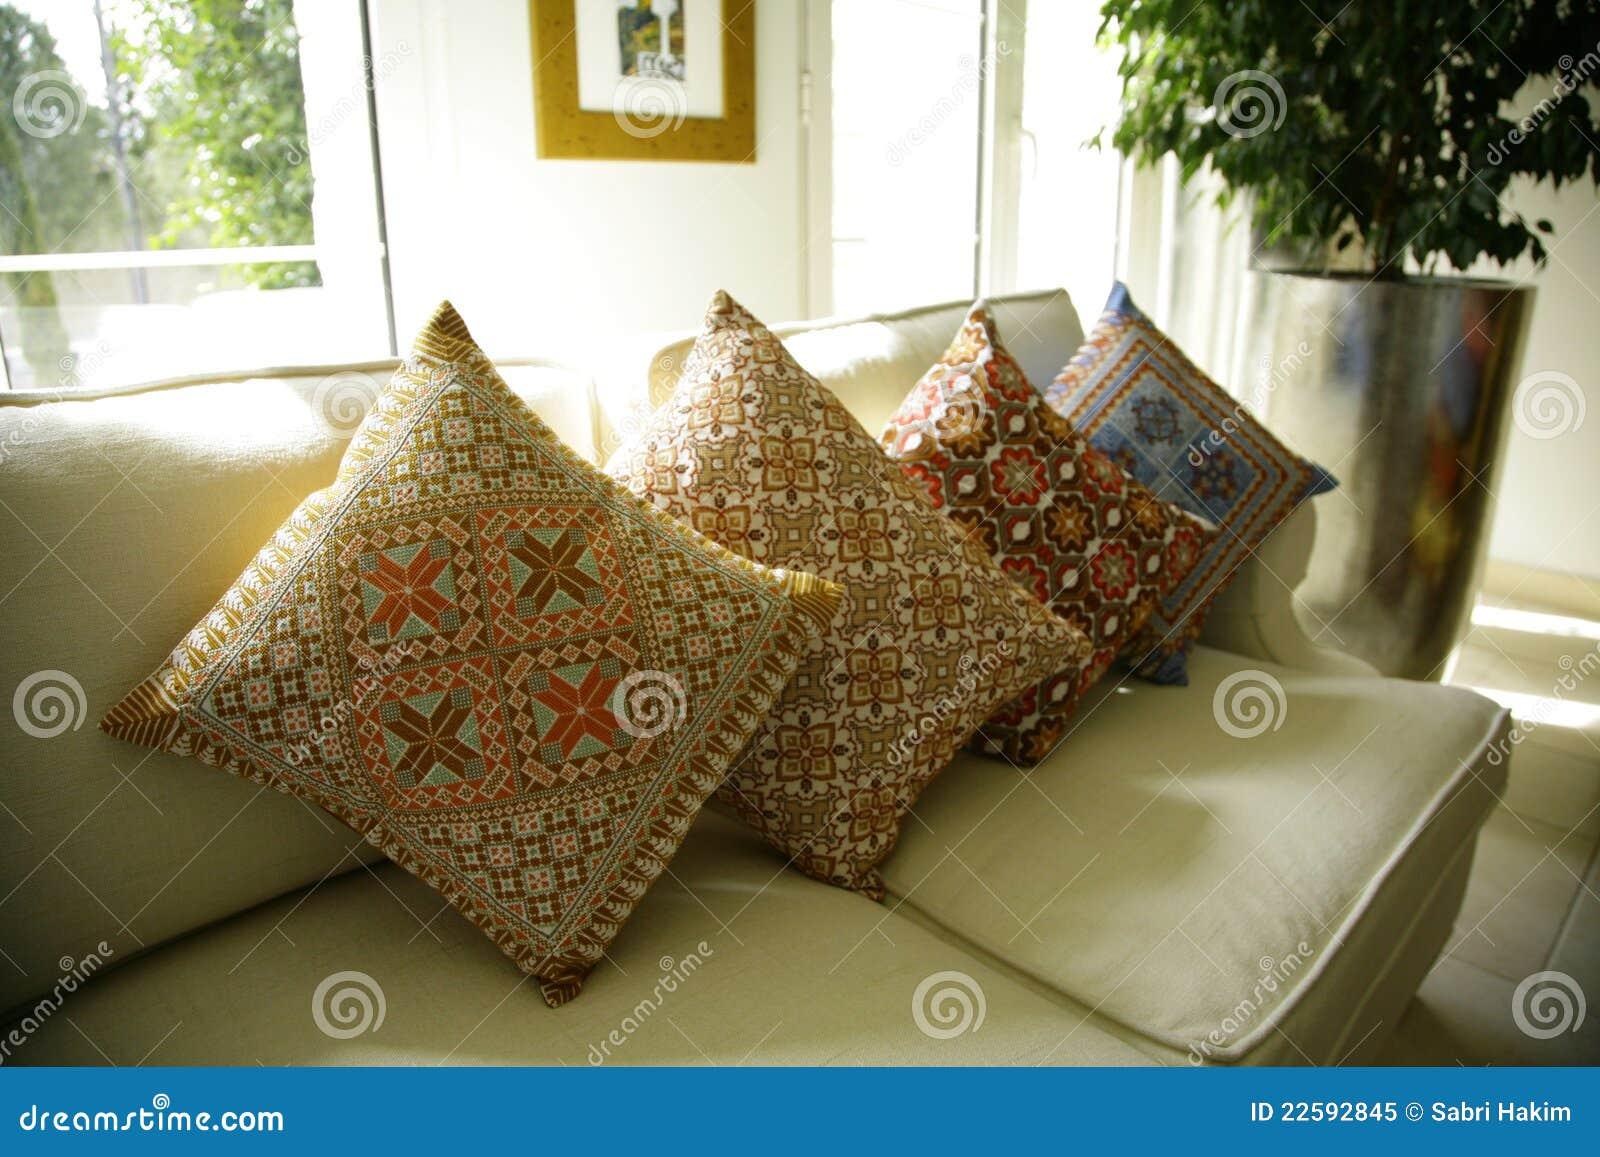 coussins sur le sofa ou le divan confortable photo libre de droits image 22592845. Black Bedroom Furniture Sets. Home Design Ideas